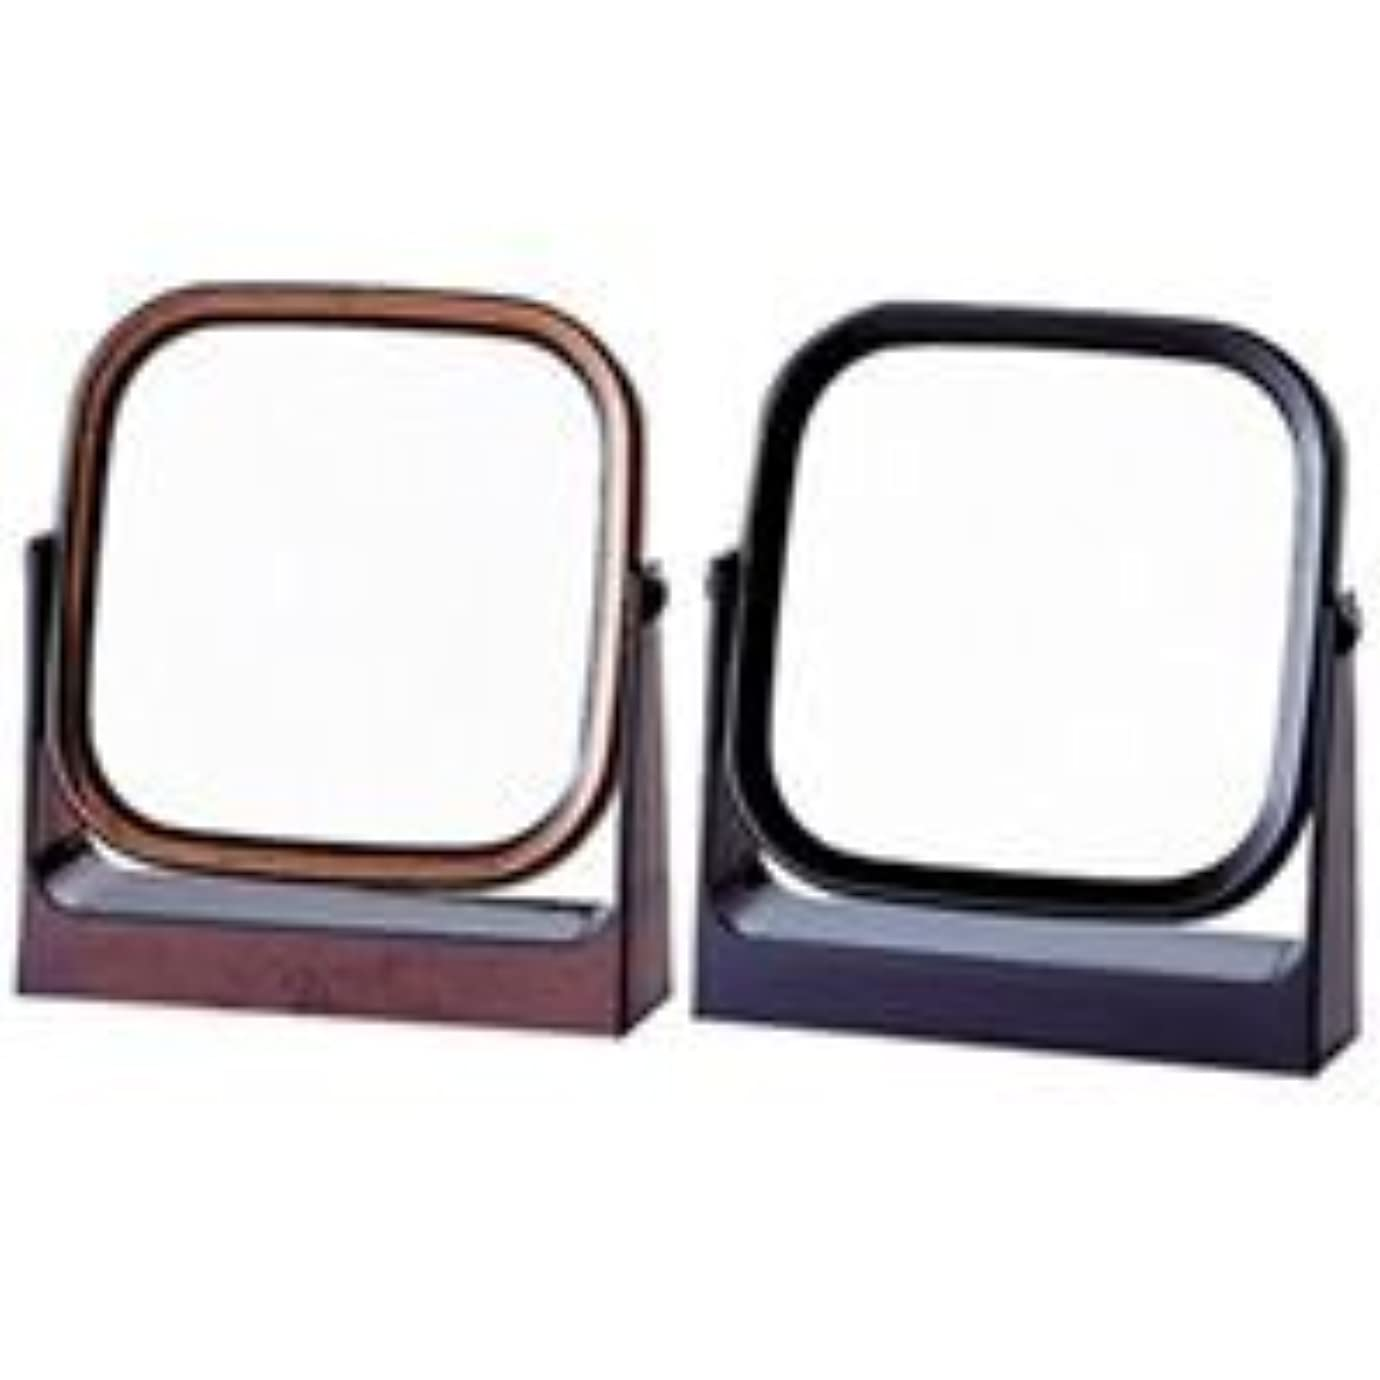 ウィスキーピル確かにスタンドミラー ヤマムラ 卓上ミラー [鏡] レディ角型 ブラック